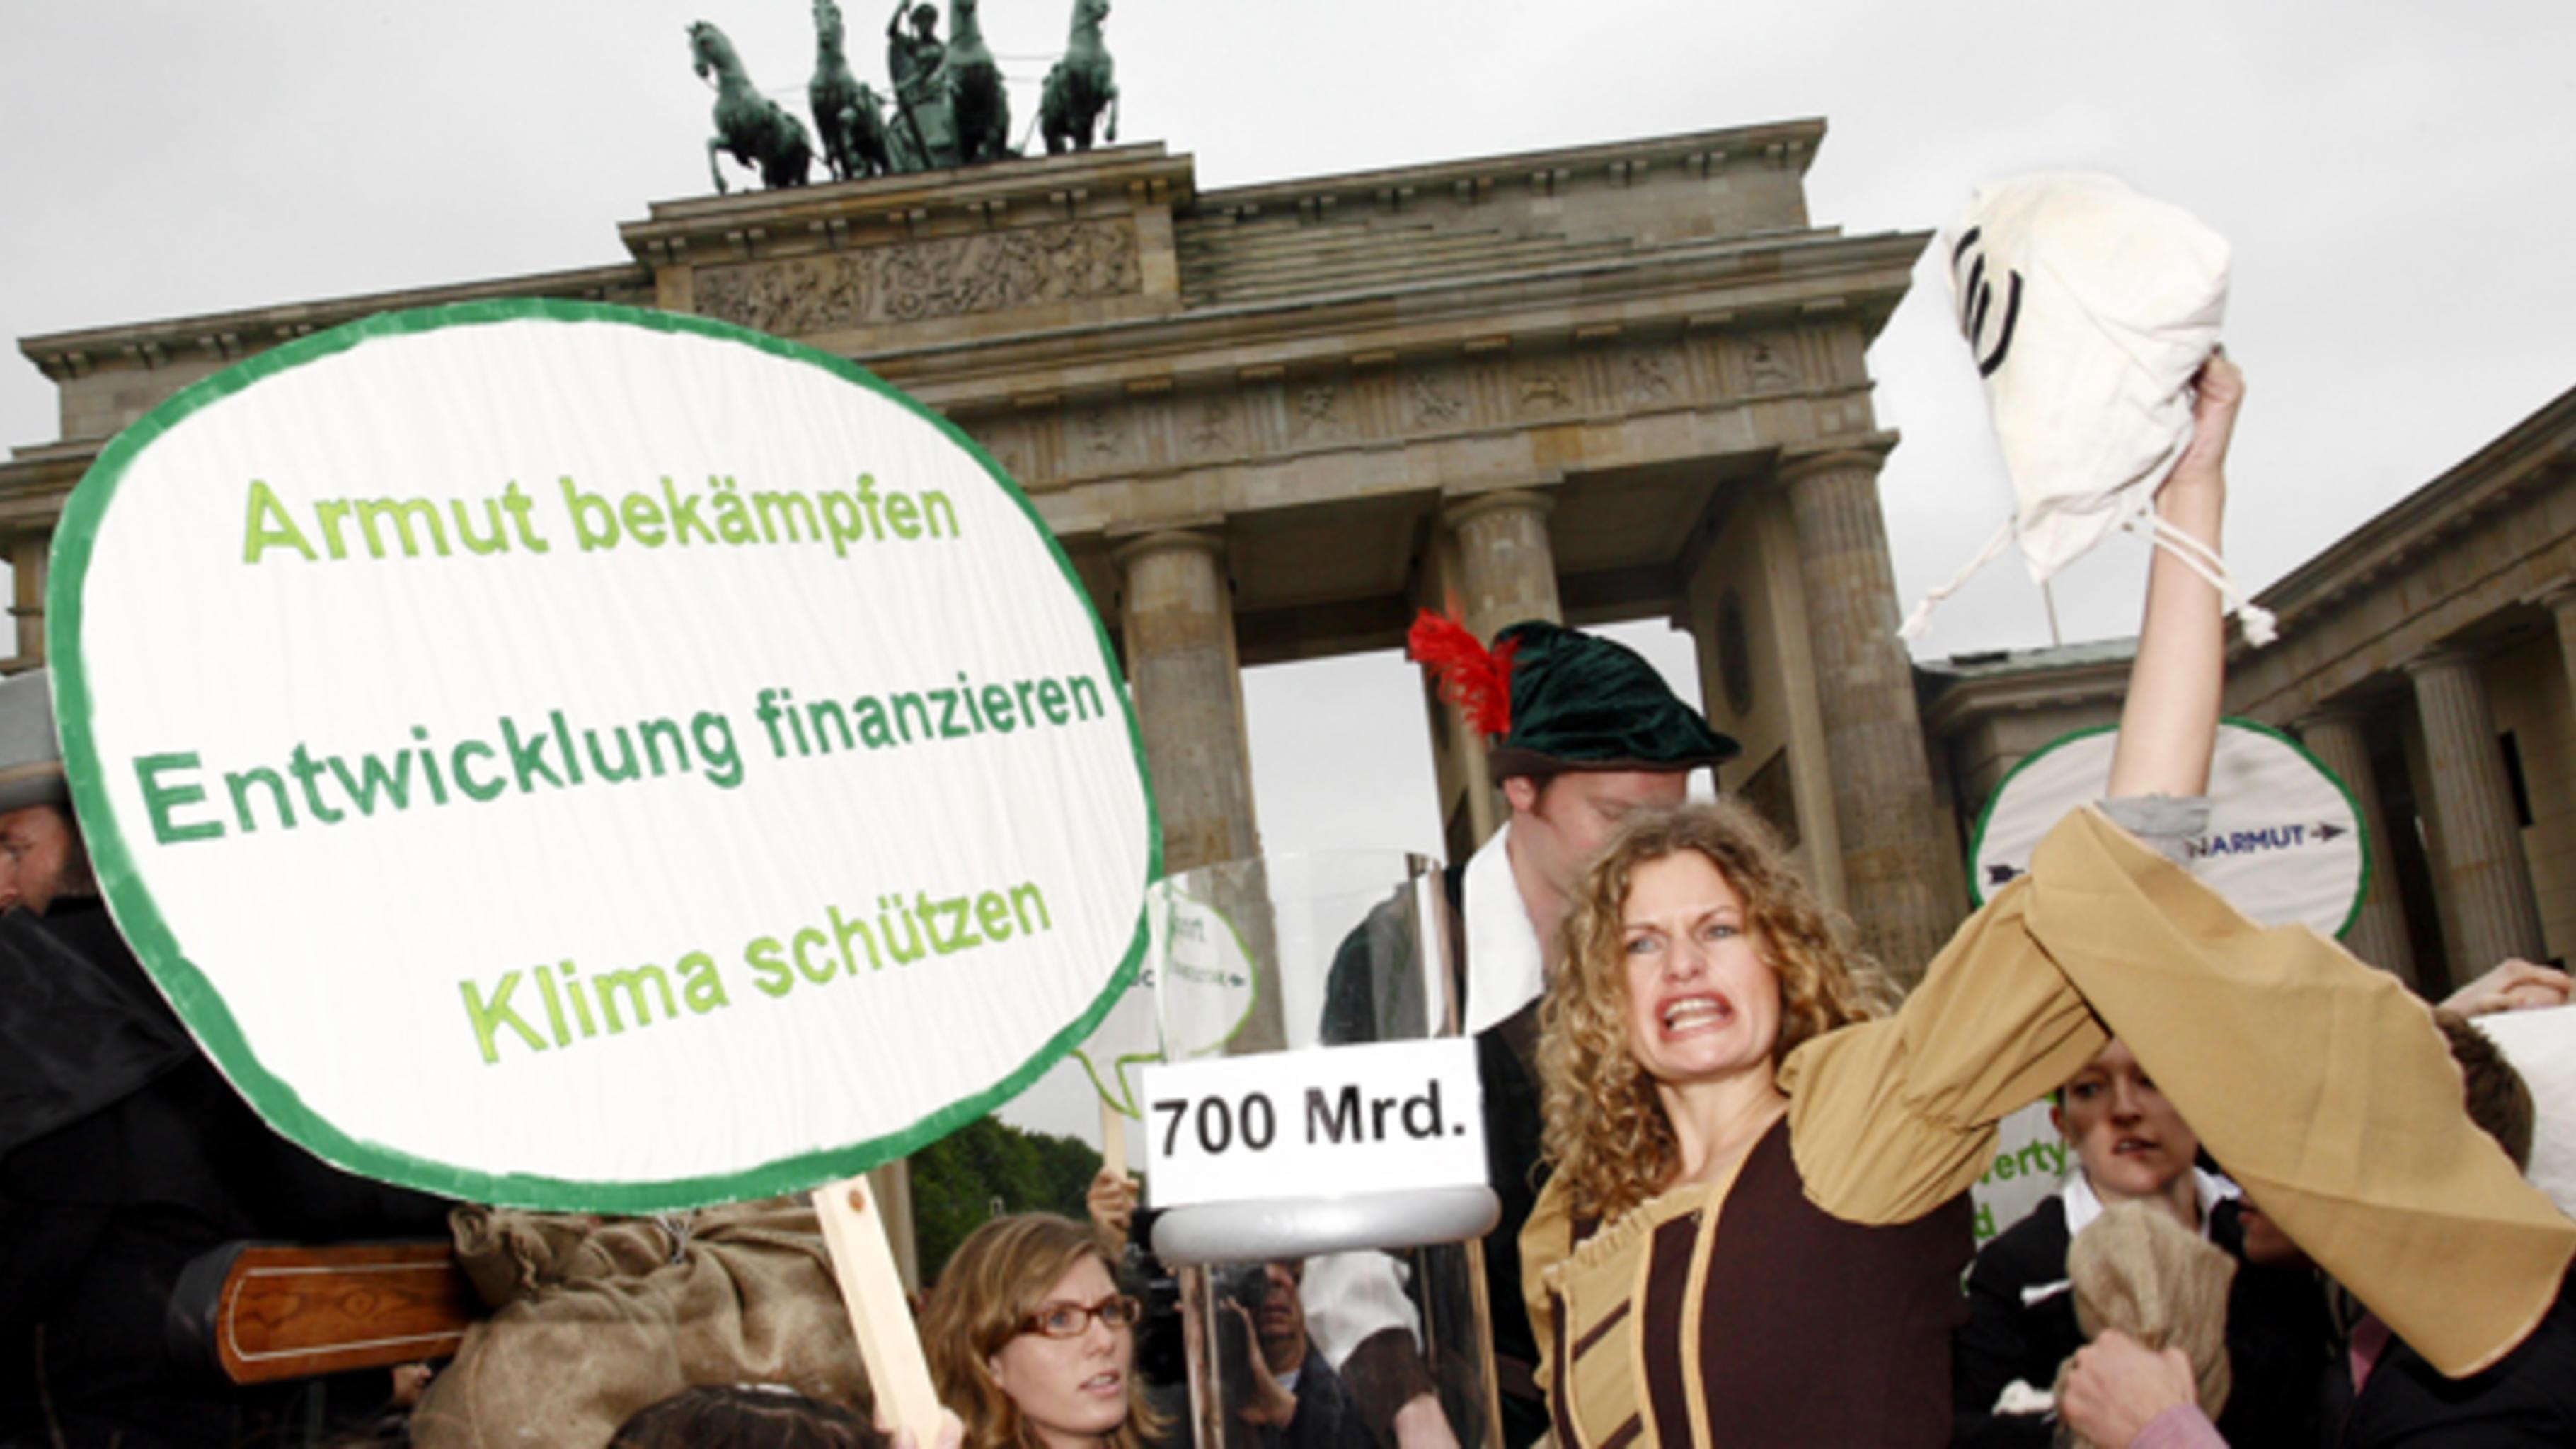 Foto: Aktion zur Robin Hood-Steuer